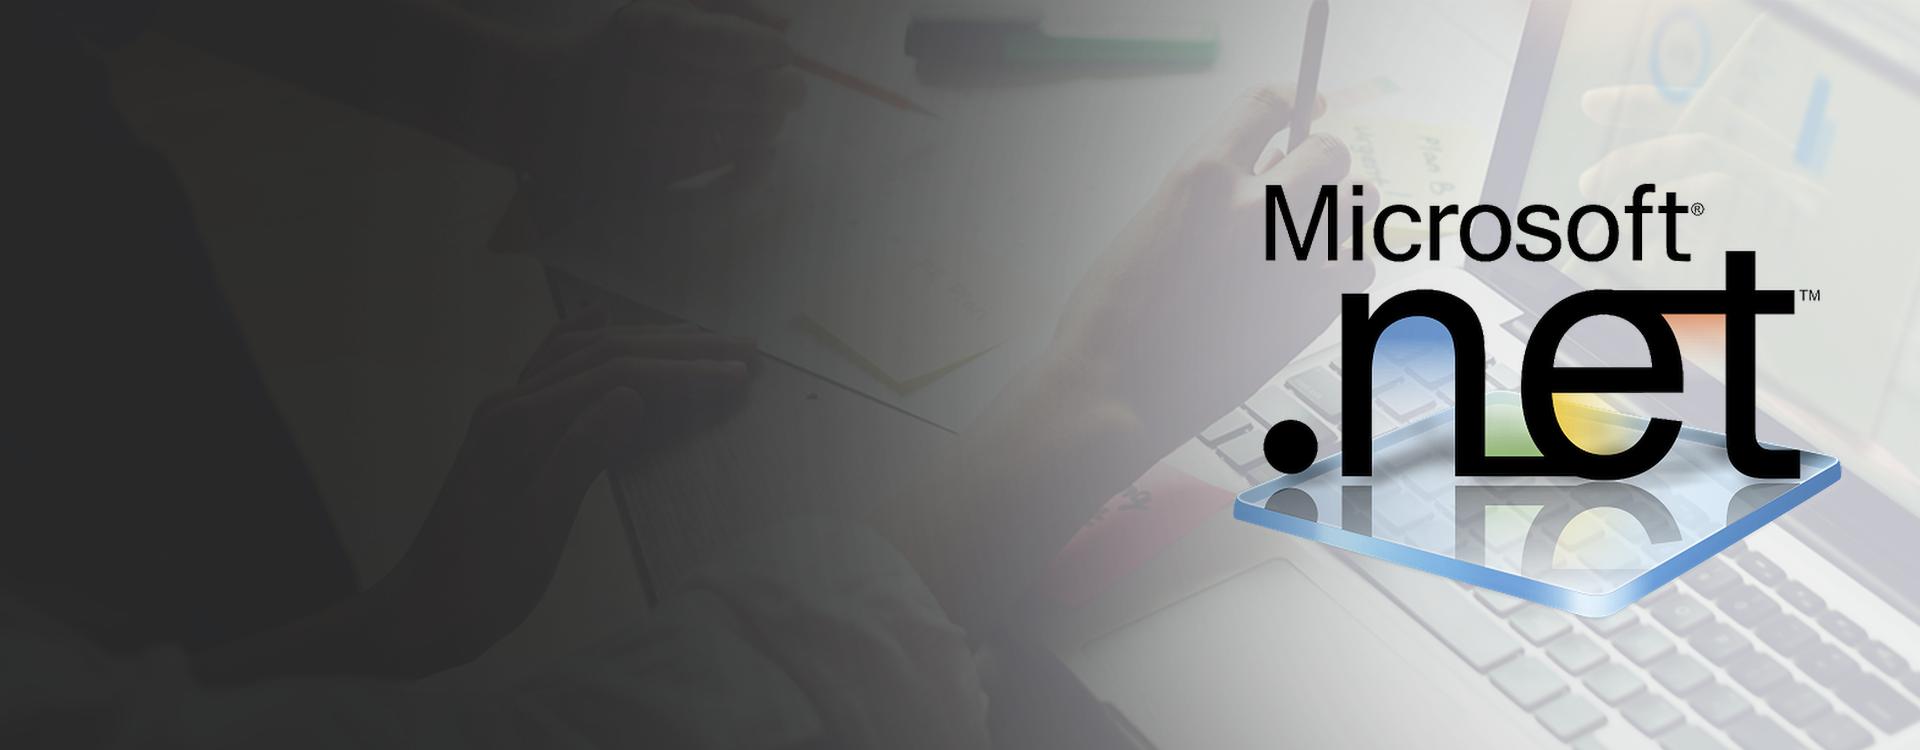 Mobiloitte helps clients as an Development